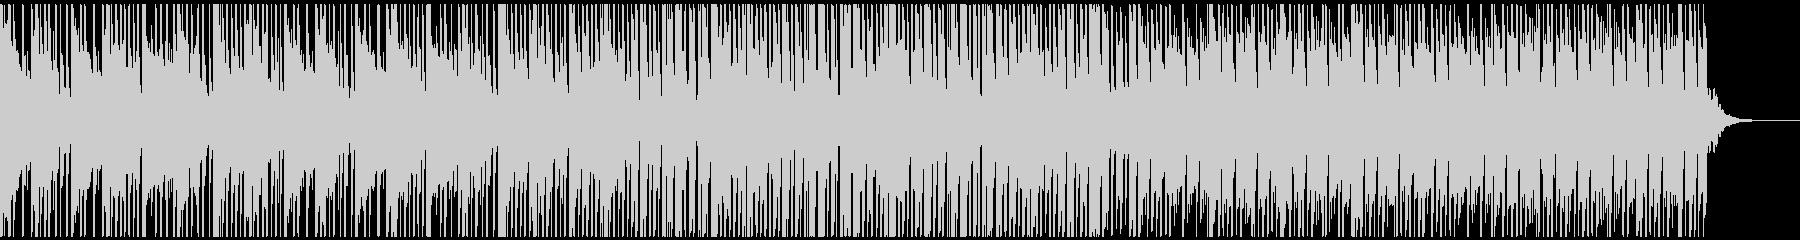 ピアノとブレイクビートのクールな楽曲の未再生の波形